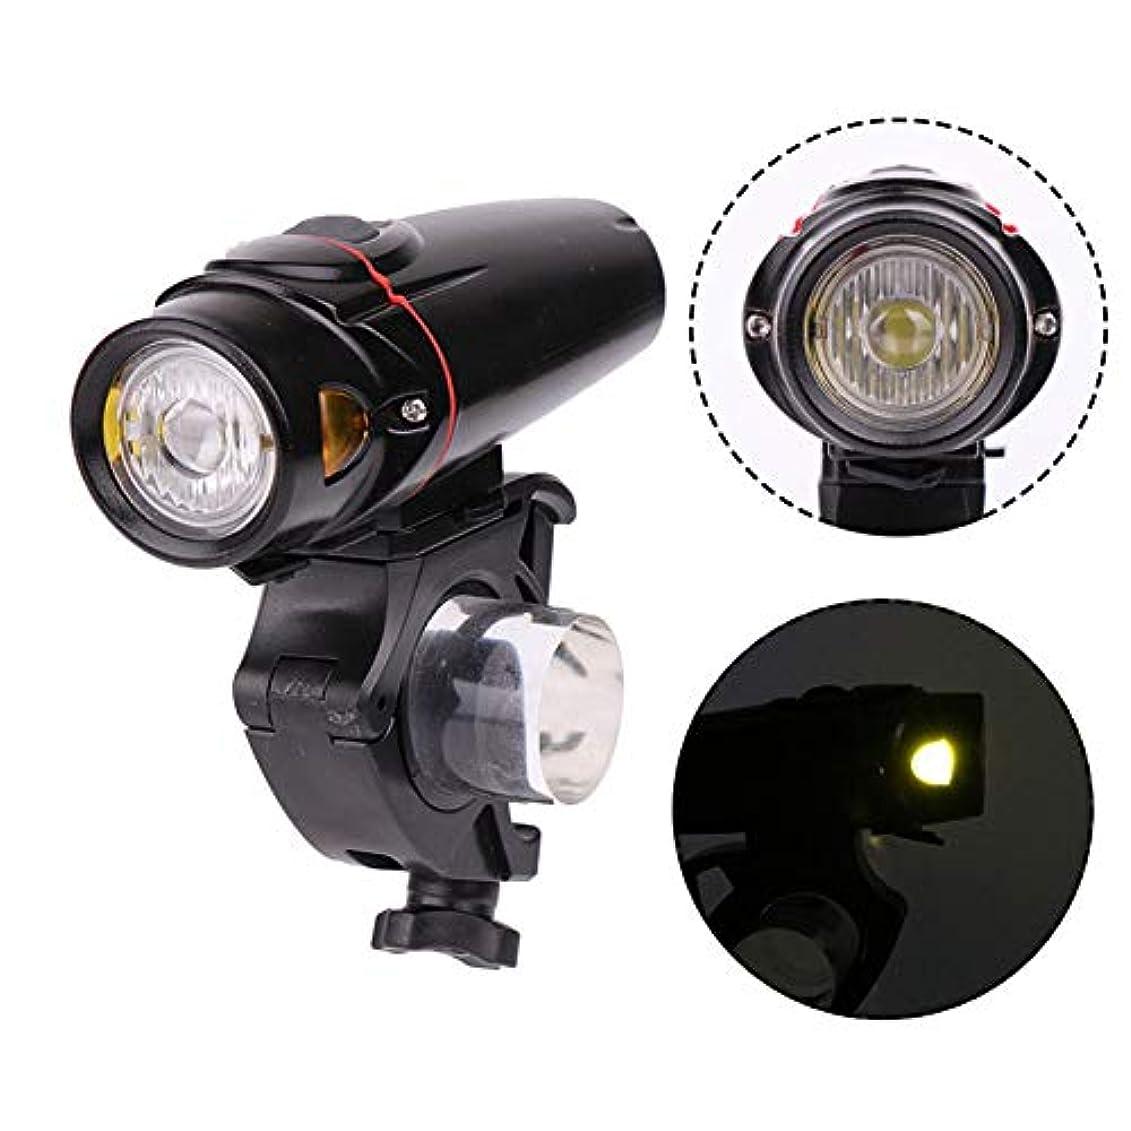 エレクトロニック優越ダイジェストACHICOO ヘッドライト 屋外 サイクリング USB充電 ライト LED XPG 自転車 ヘッドランプ 実用的 ツール